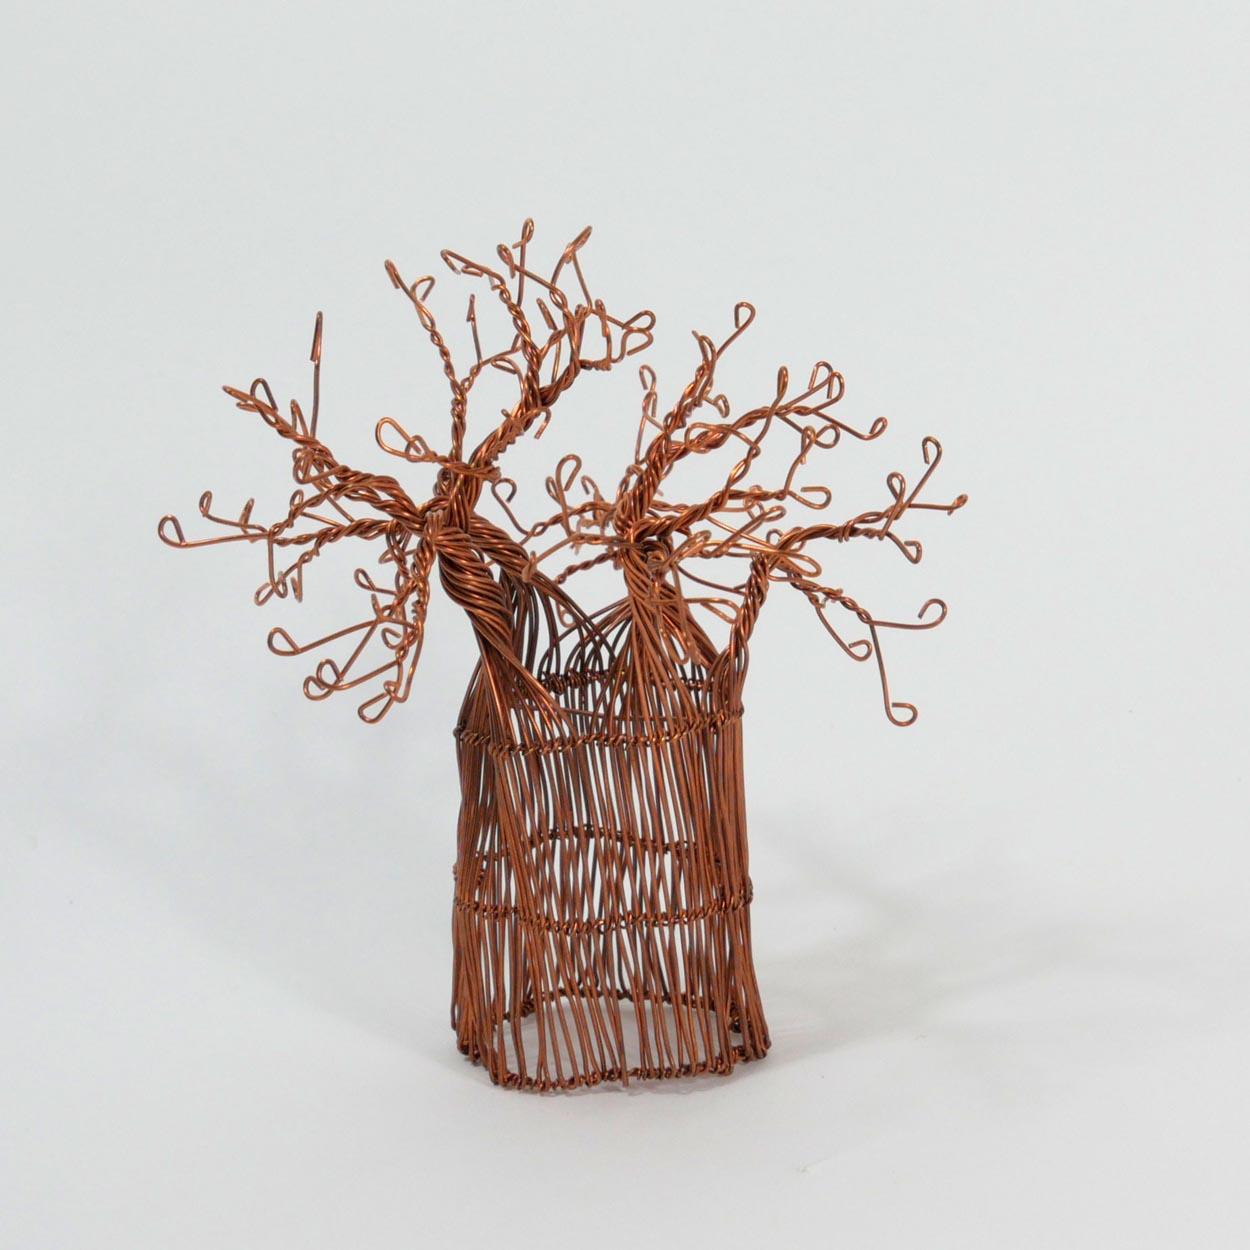 Afrikanischer Baobab Baum aus Kupferdraht